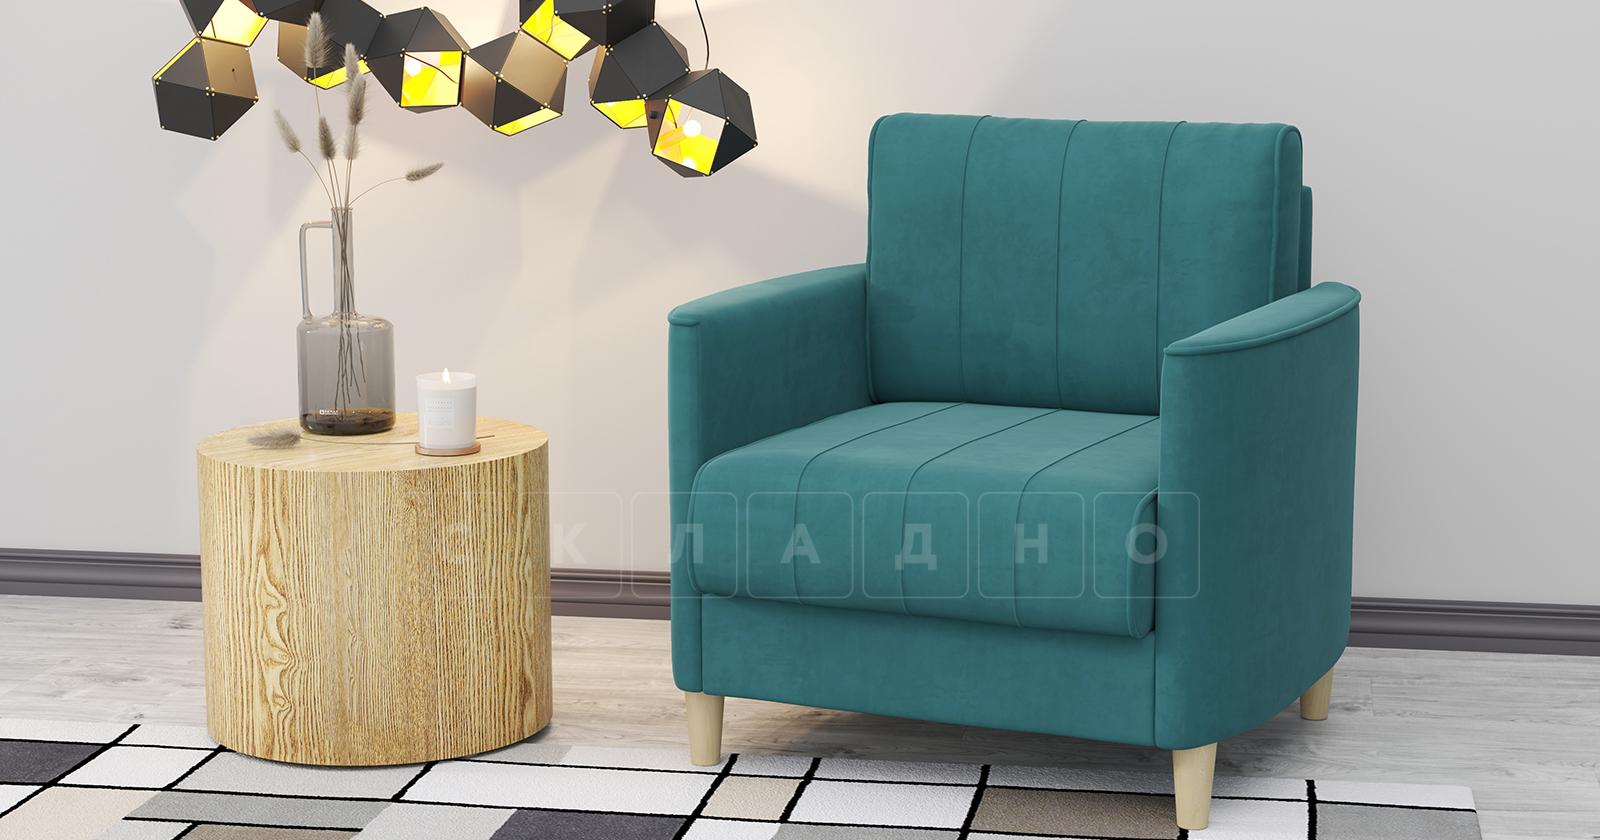 Кресло для отдыха Лорен бирюзовый фото 2 | интернет-магазин Складно